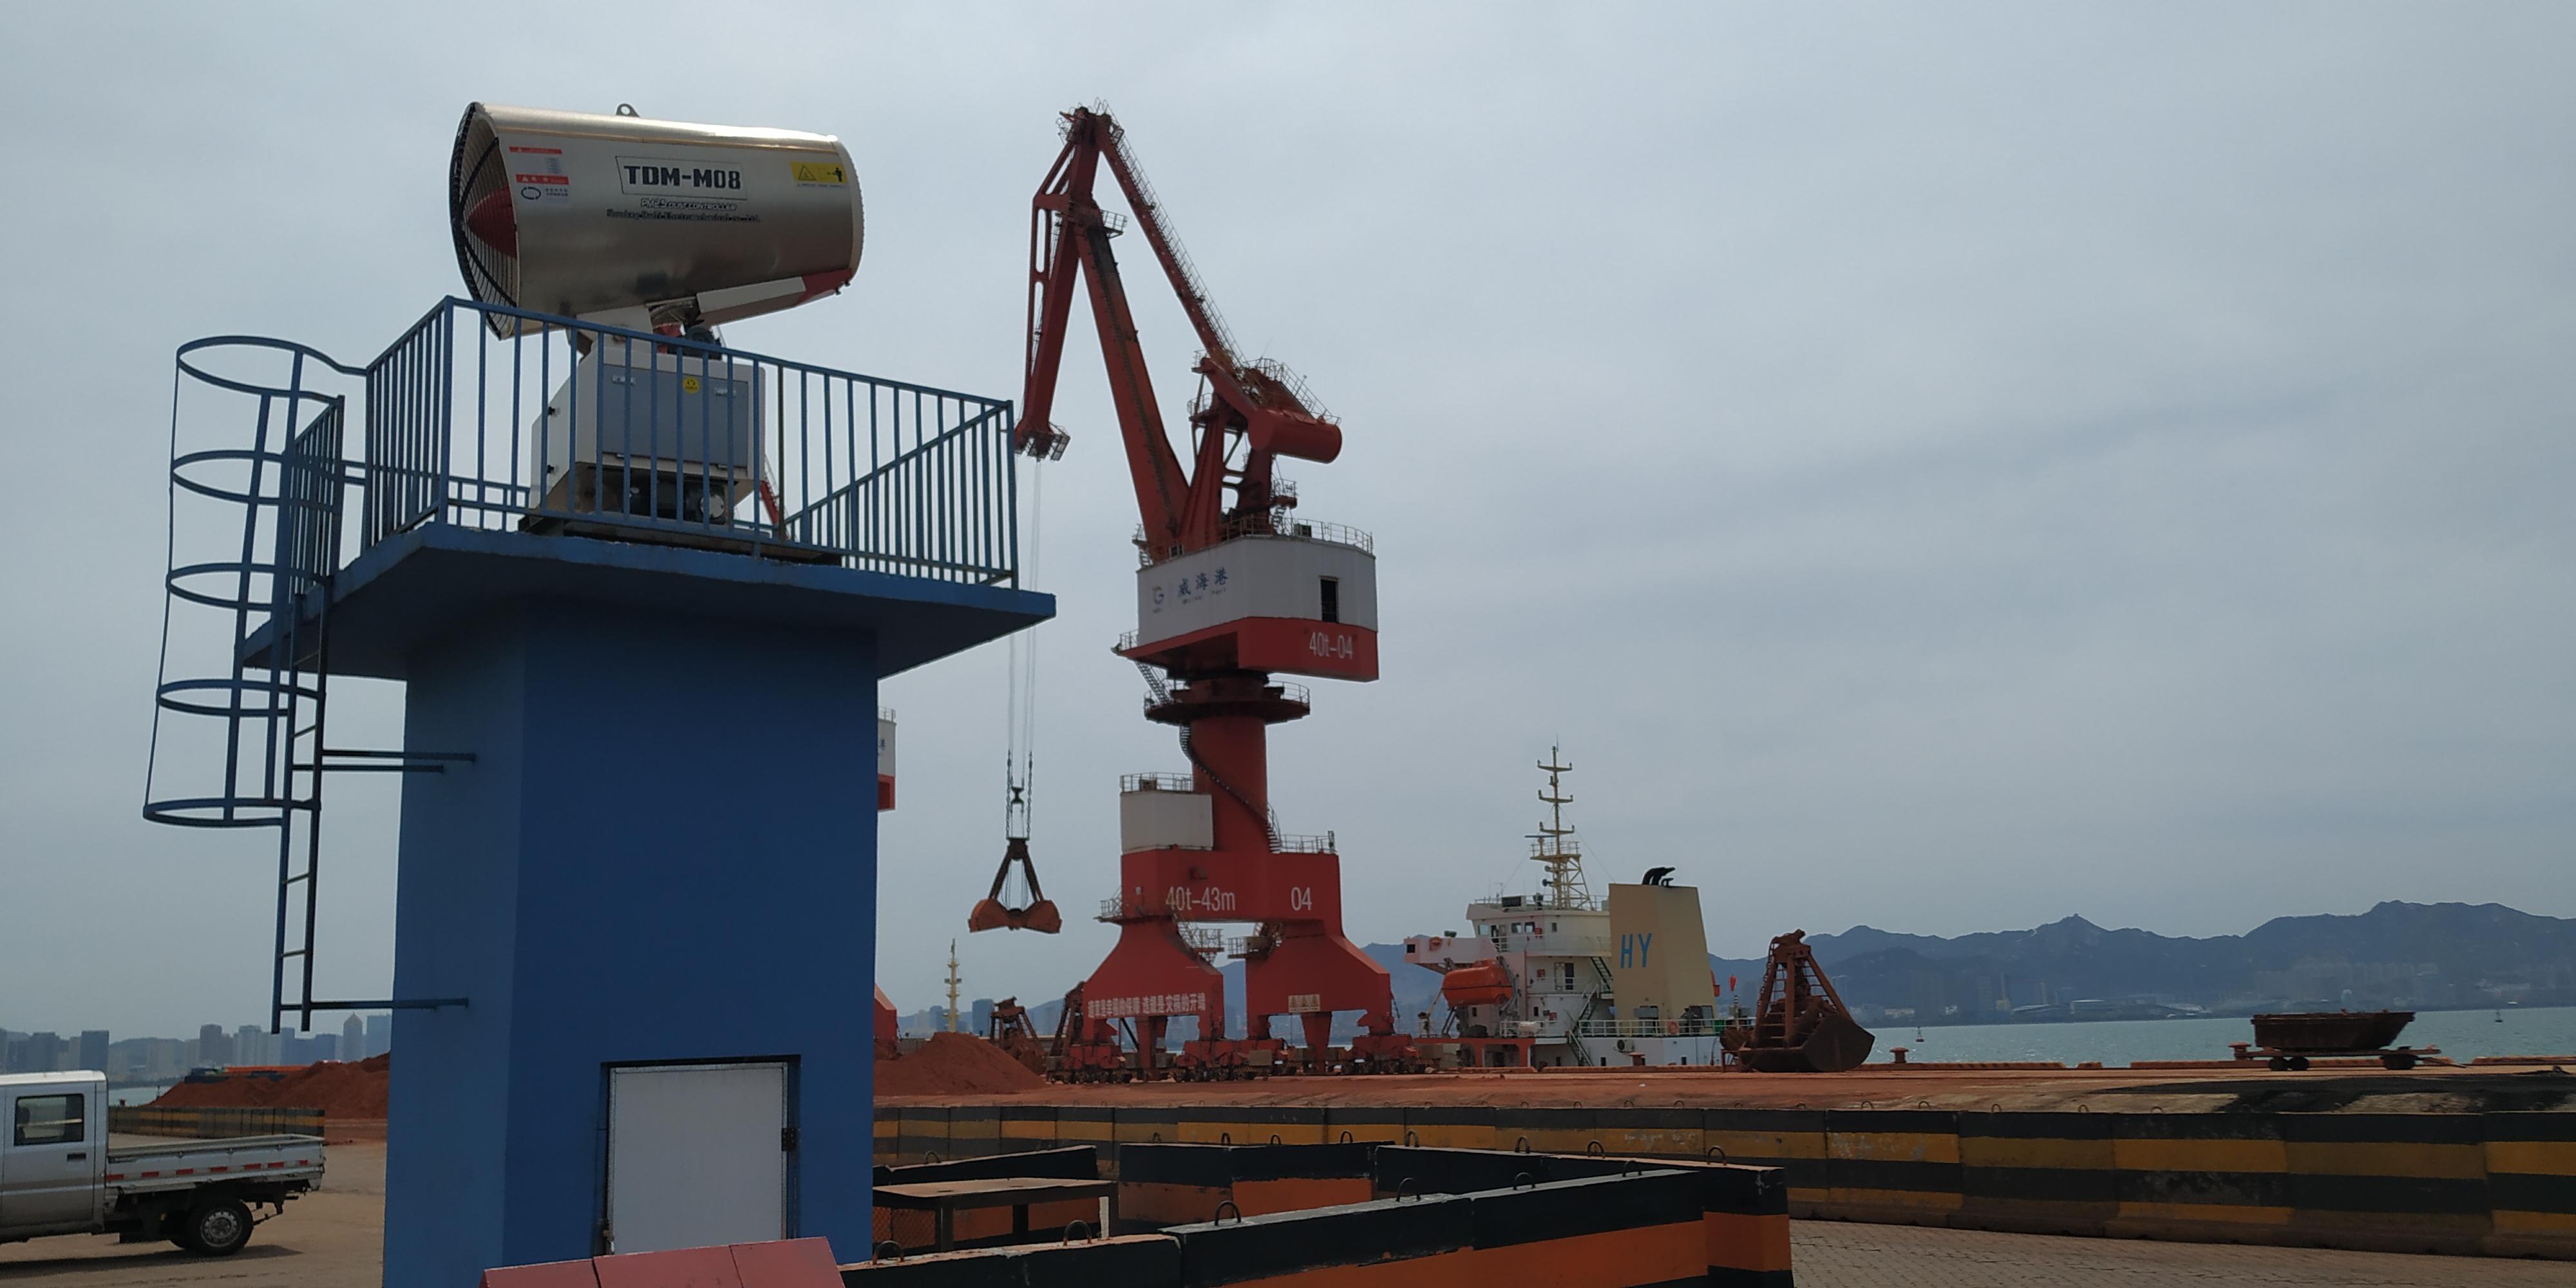 天地美雾炮机在威海港港区降尘作业